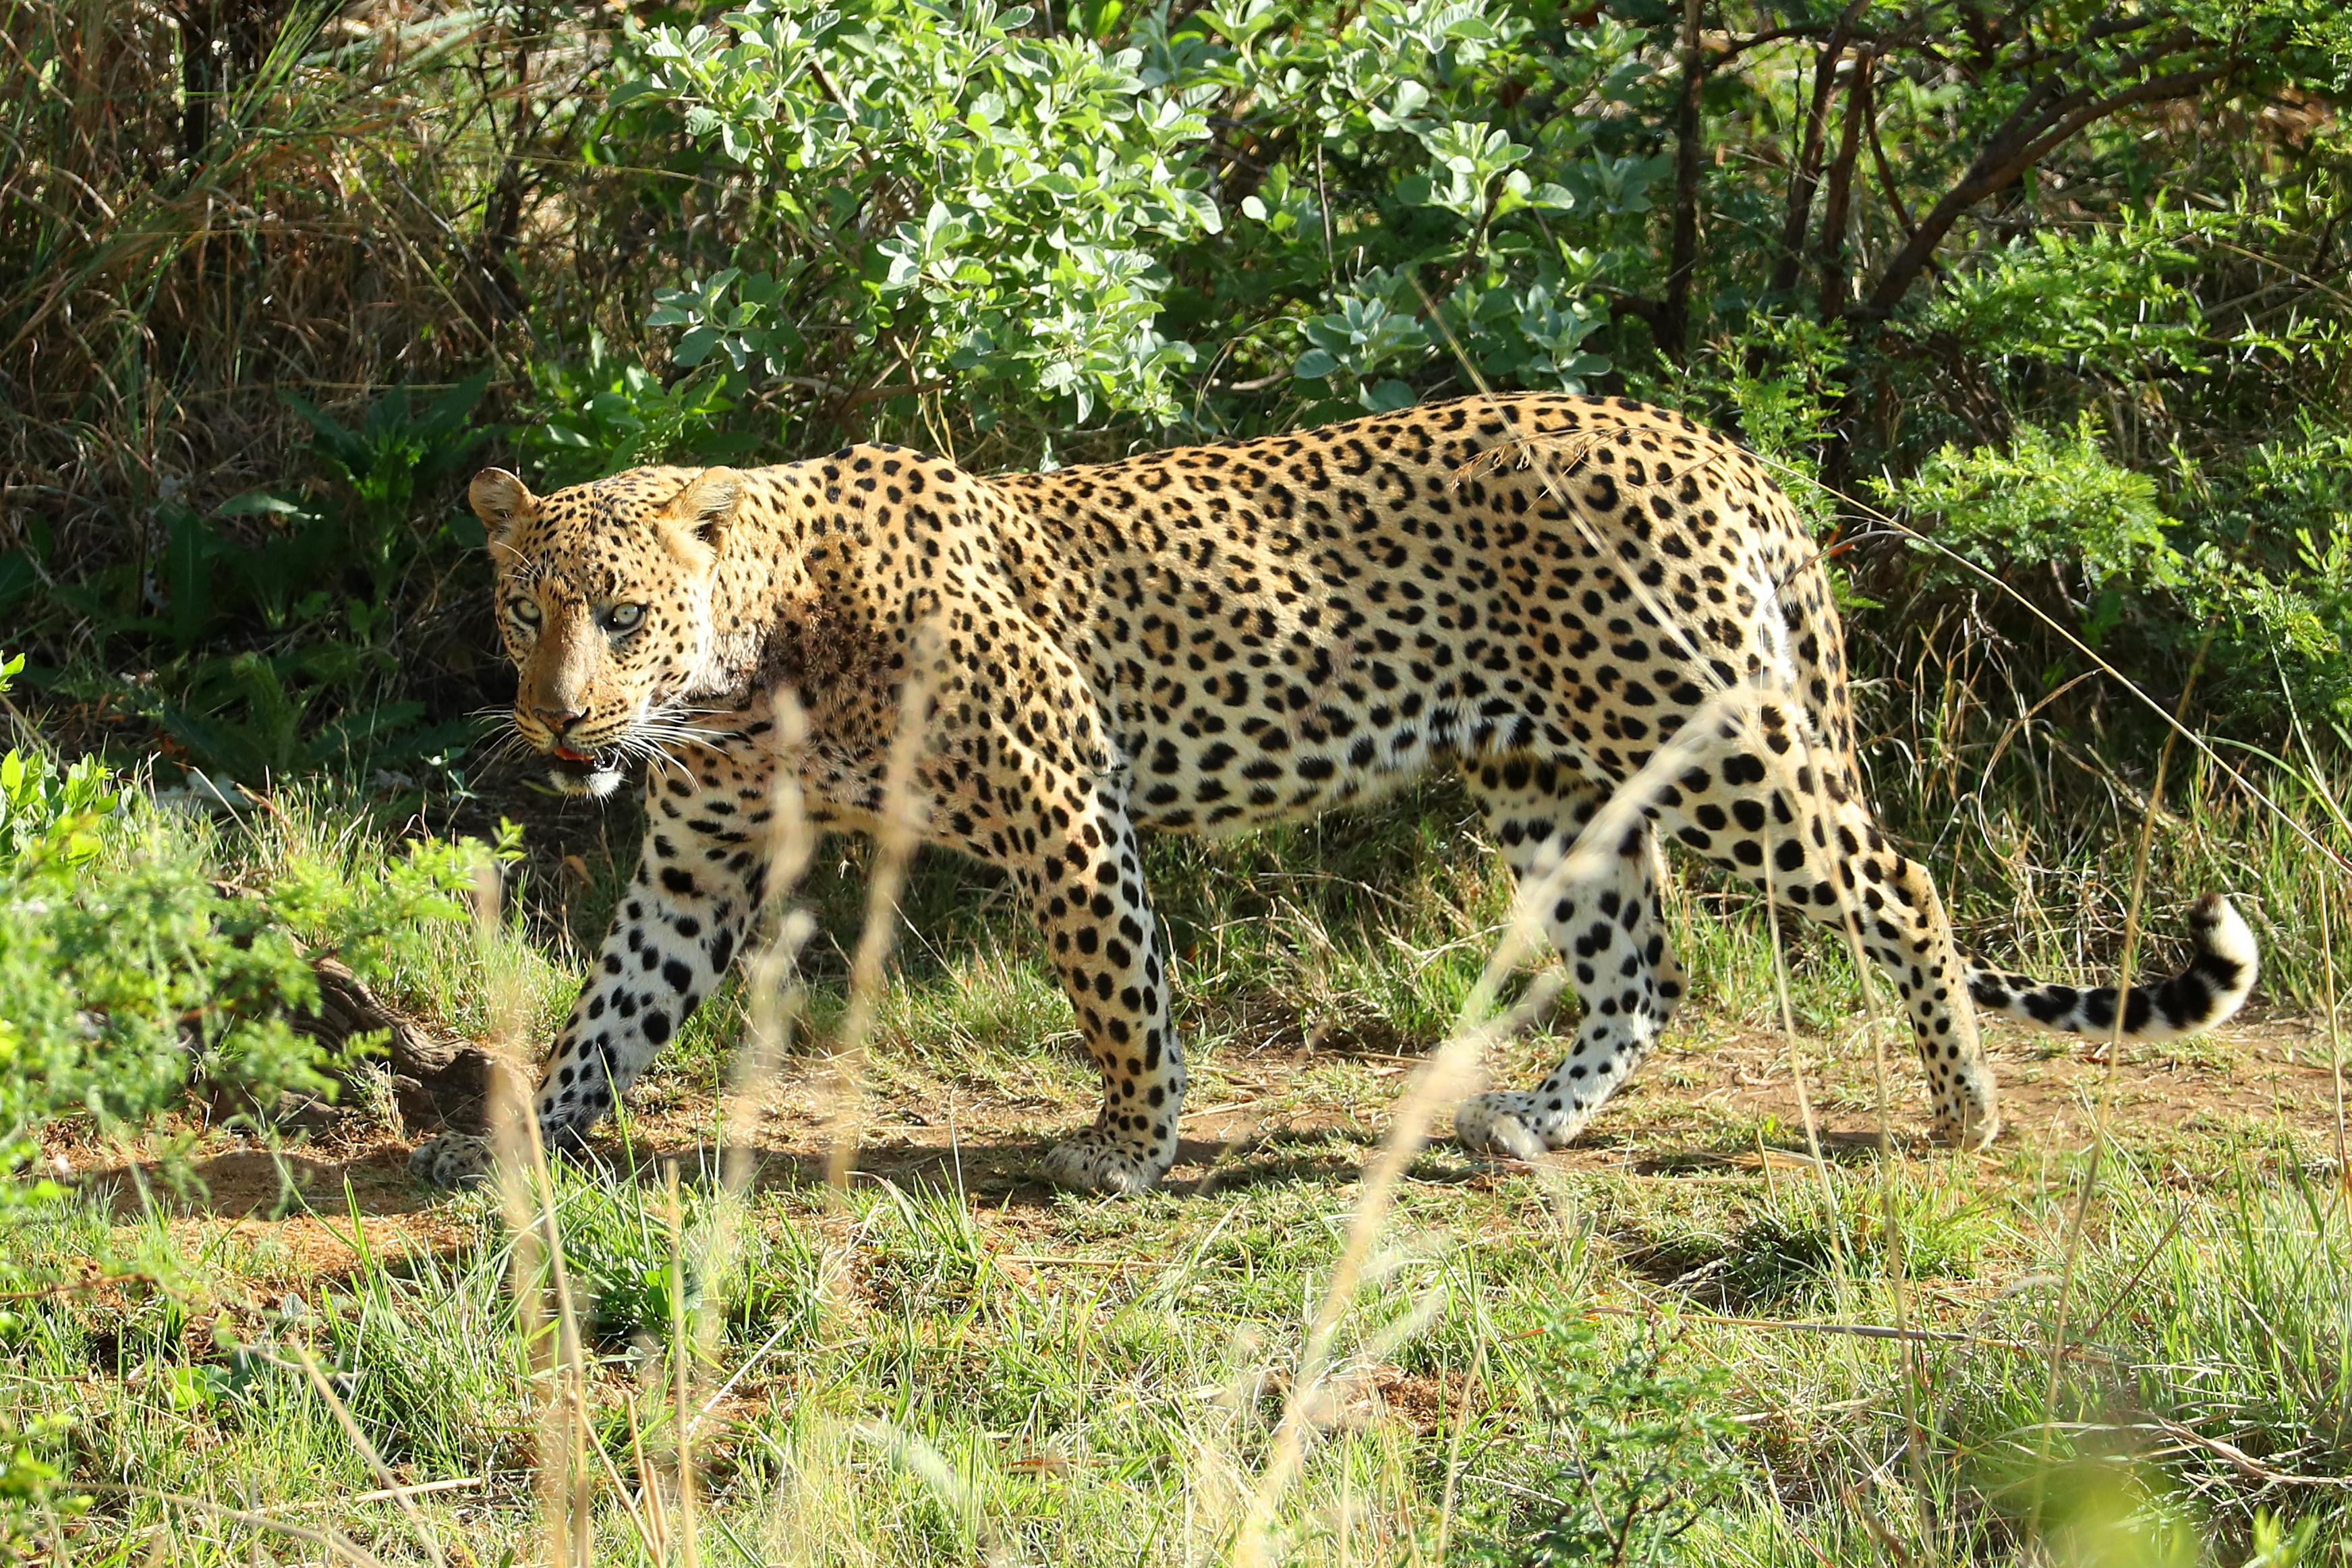 """Леопарди в Мумбай<br /> Във втората част на поредицата документални филми """"Планетата Земя"""" операторът Гордън Бюханън успява да улови процъфтяваща популация на леопарди точно под носа на техните човешки съжители. В парка Санджай Ганди са регистрирани 41 леопарда. Те обаче съвсем не са единствените жители на Мумбай. Както се оказва, някои от представителите на вида предпочитат да обитават и крайните квартали на града. Това съвсем не звучи """"атрактивно"""" като елените на Нара, но пък поне предпазва гражданите от бяс, тъй като леопардите ловуват бездомните кучета в региона."""